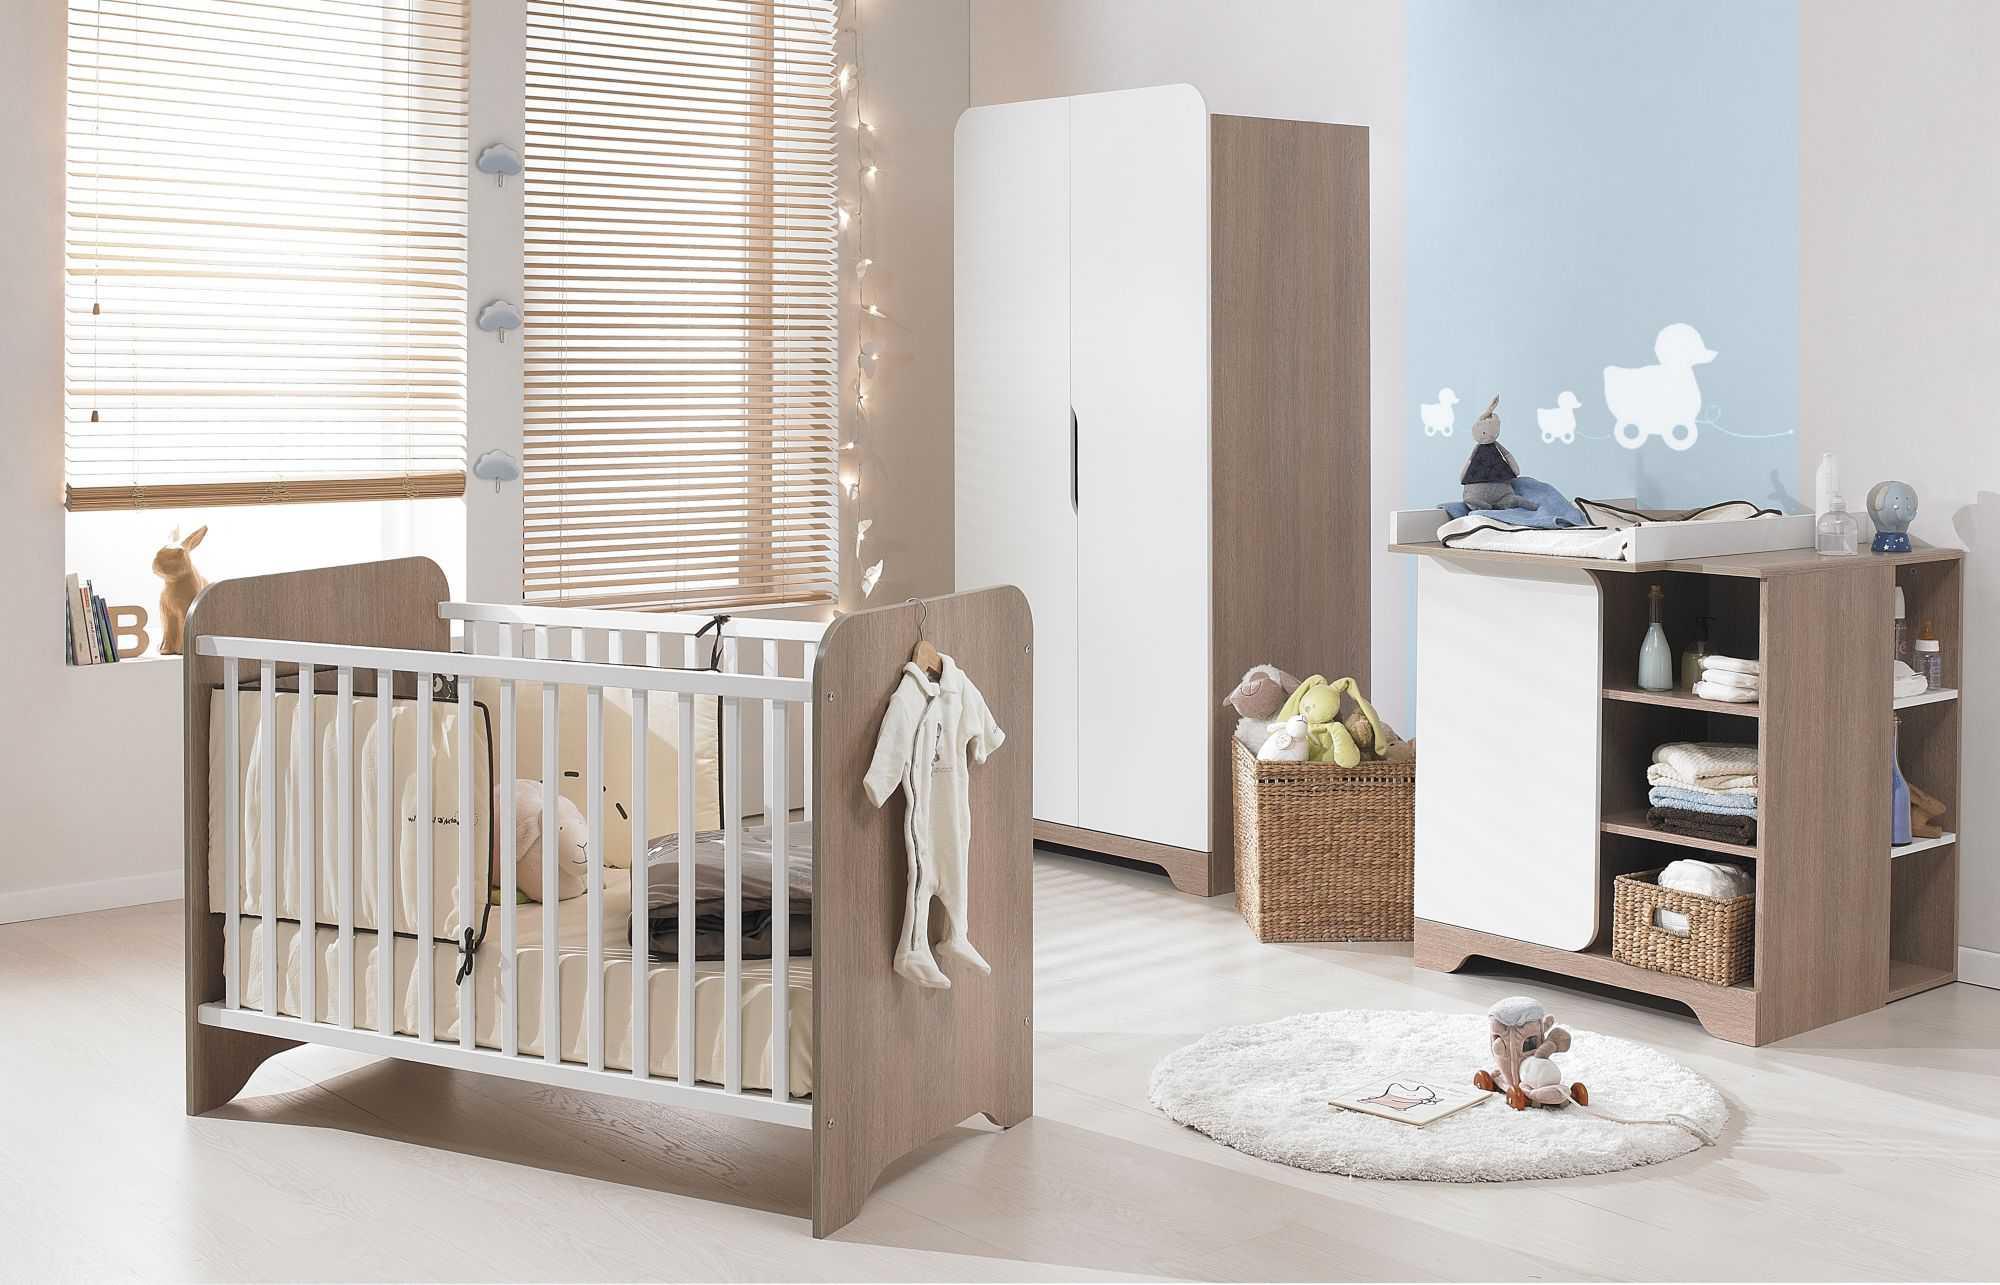 Couleur chambre b b gris bleu famille et b b - Couleur pour chambre bebe ...